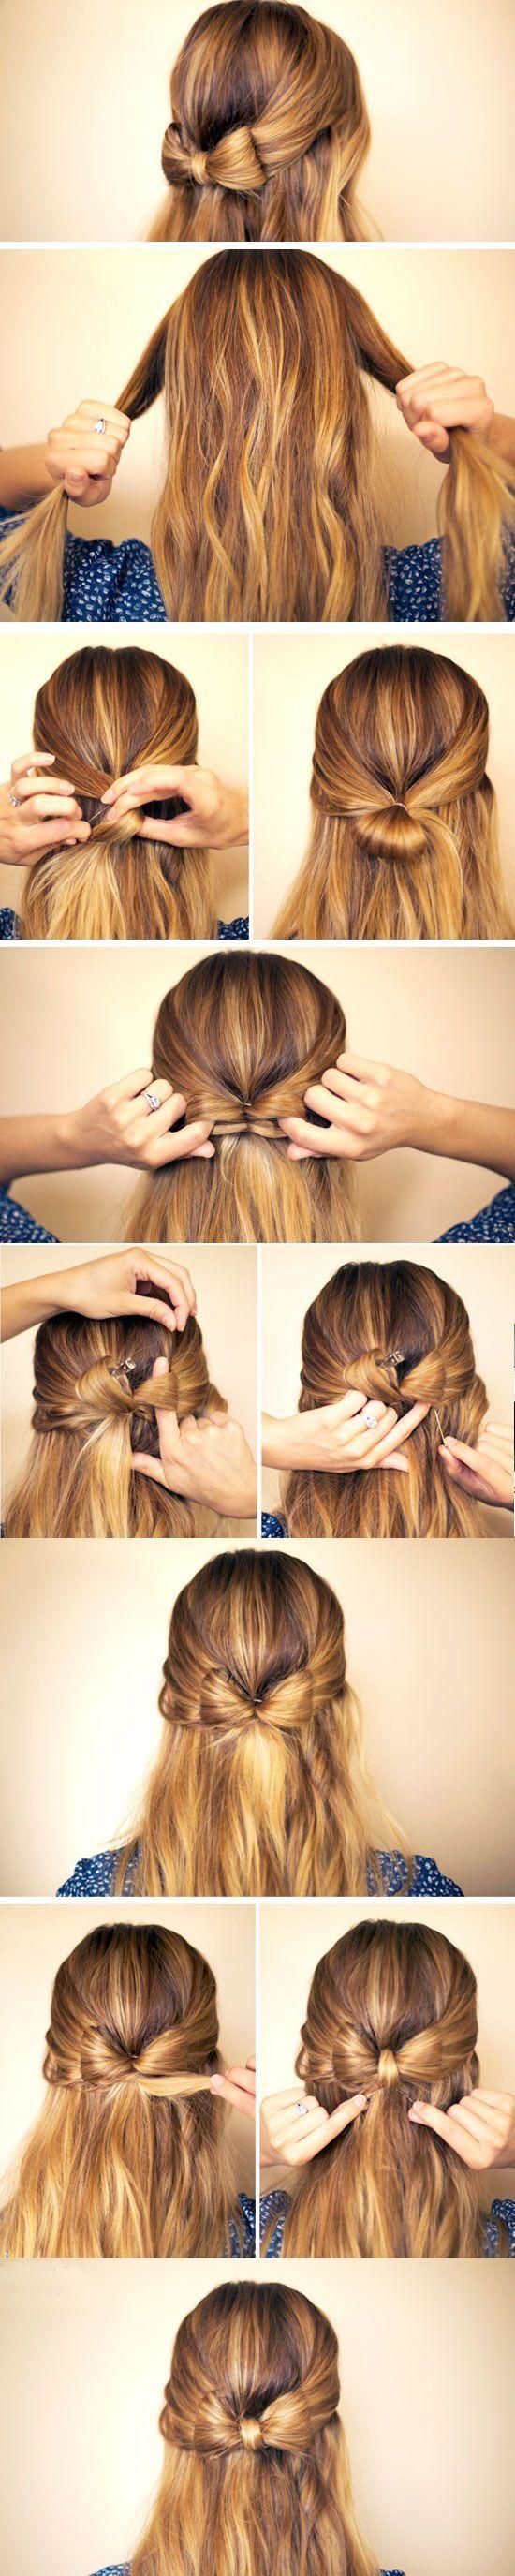 Как сделать бант из волос : подробная инструкция с фото 27